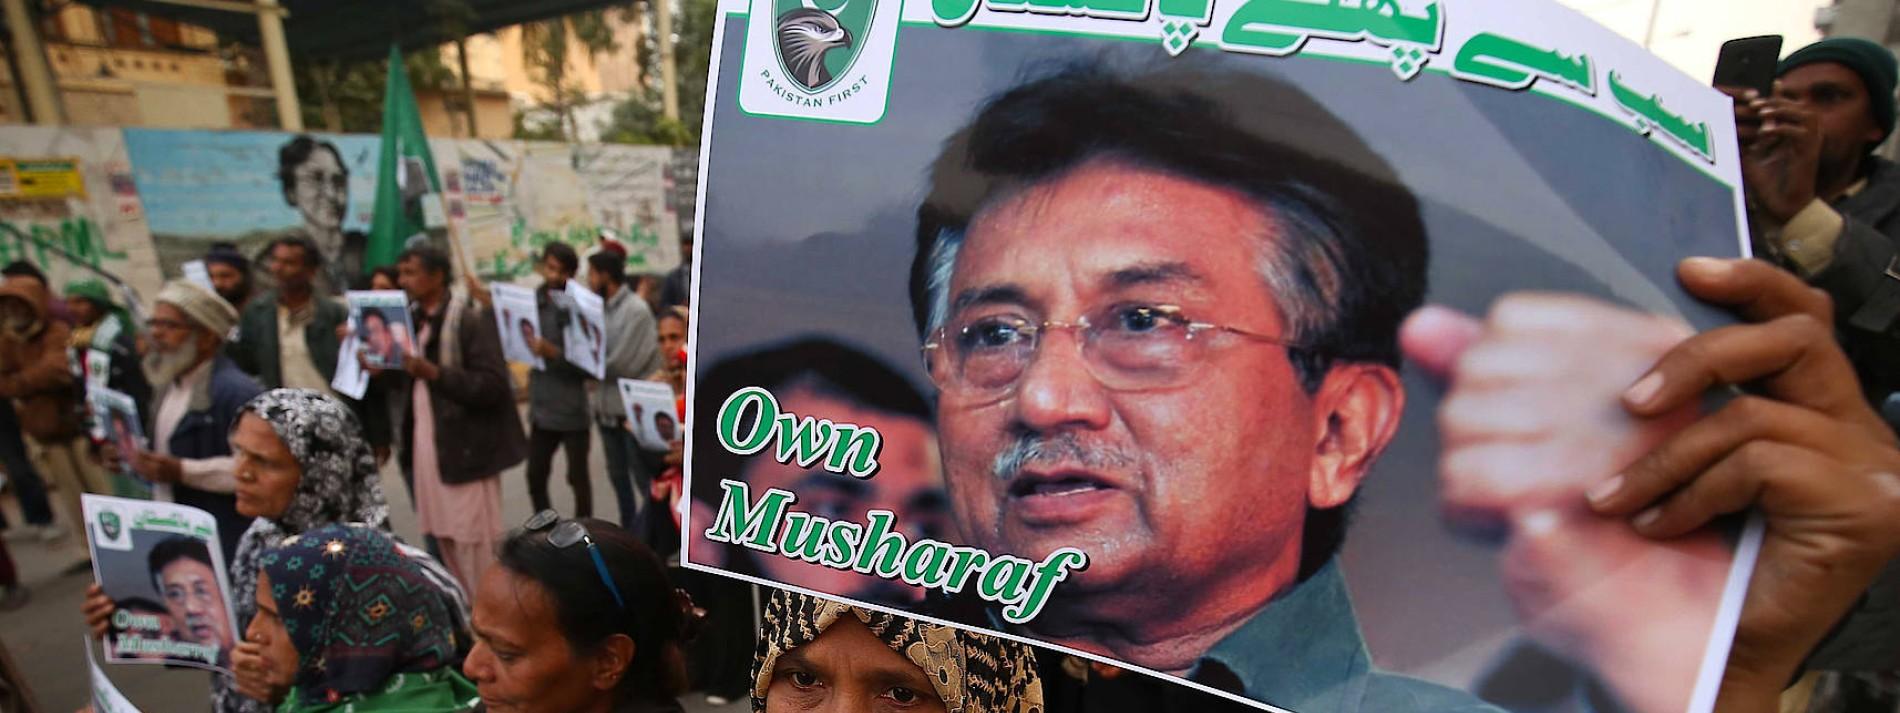 Gericht hebt Todesurteil gegen Musharraf auf